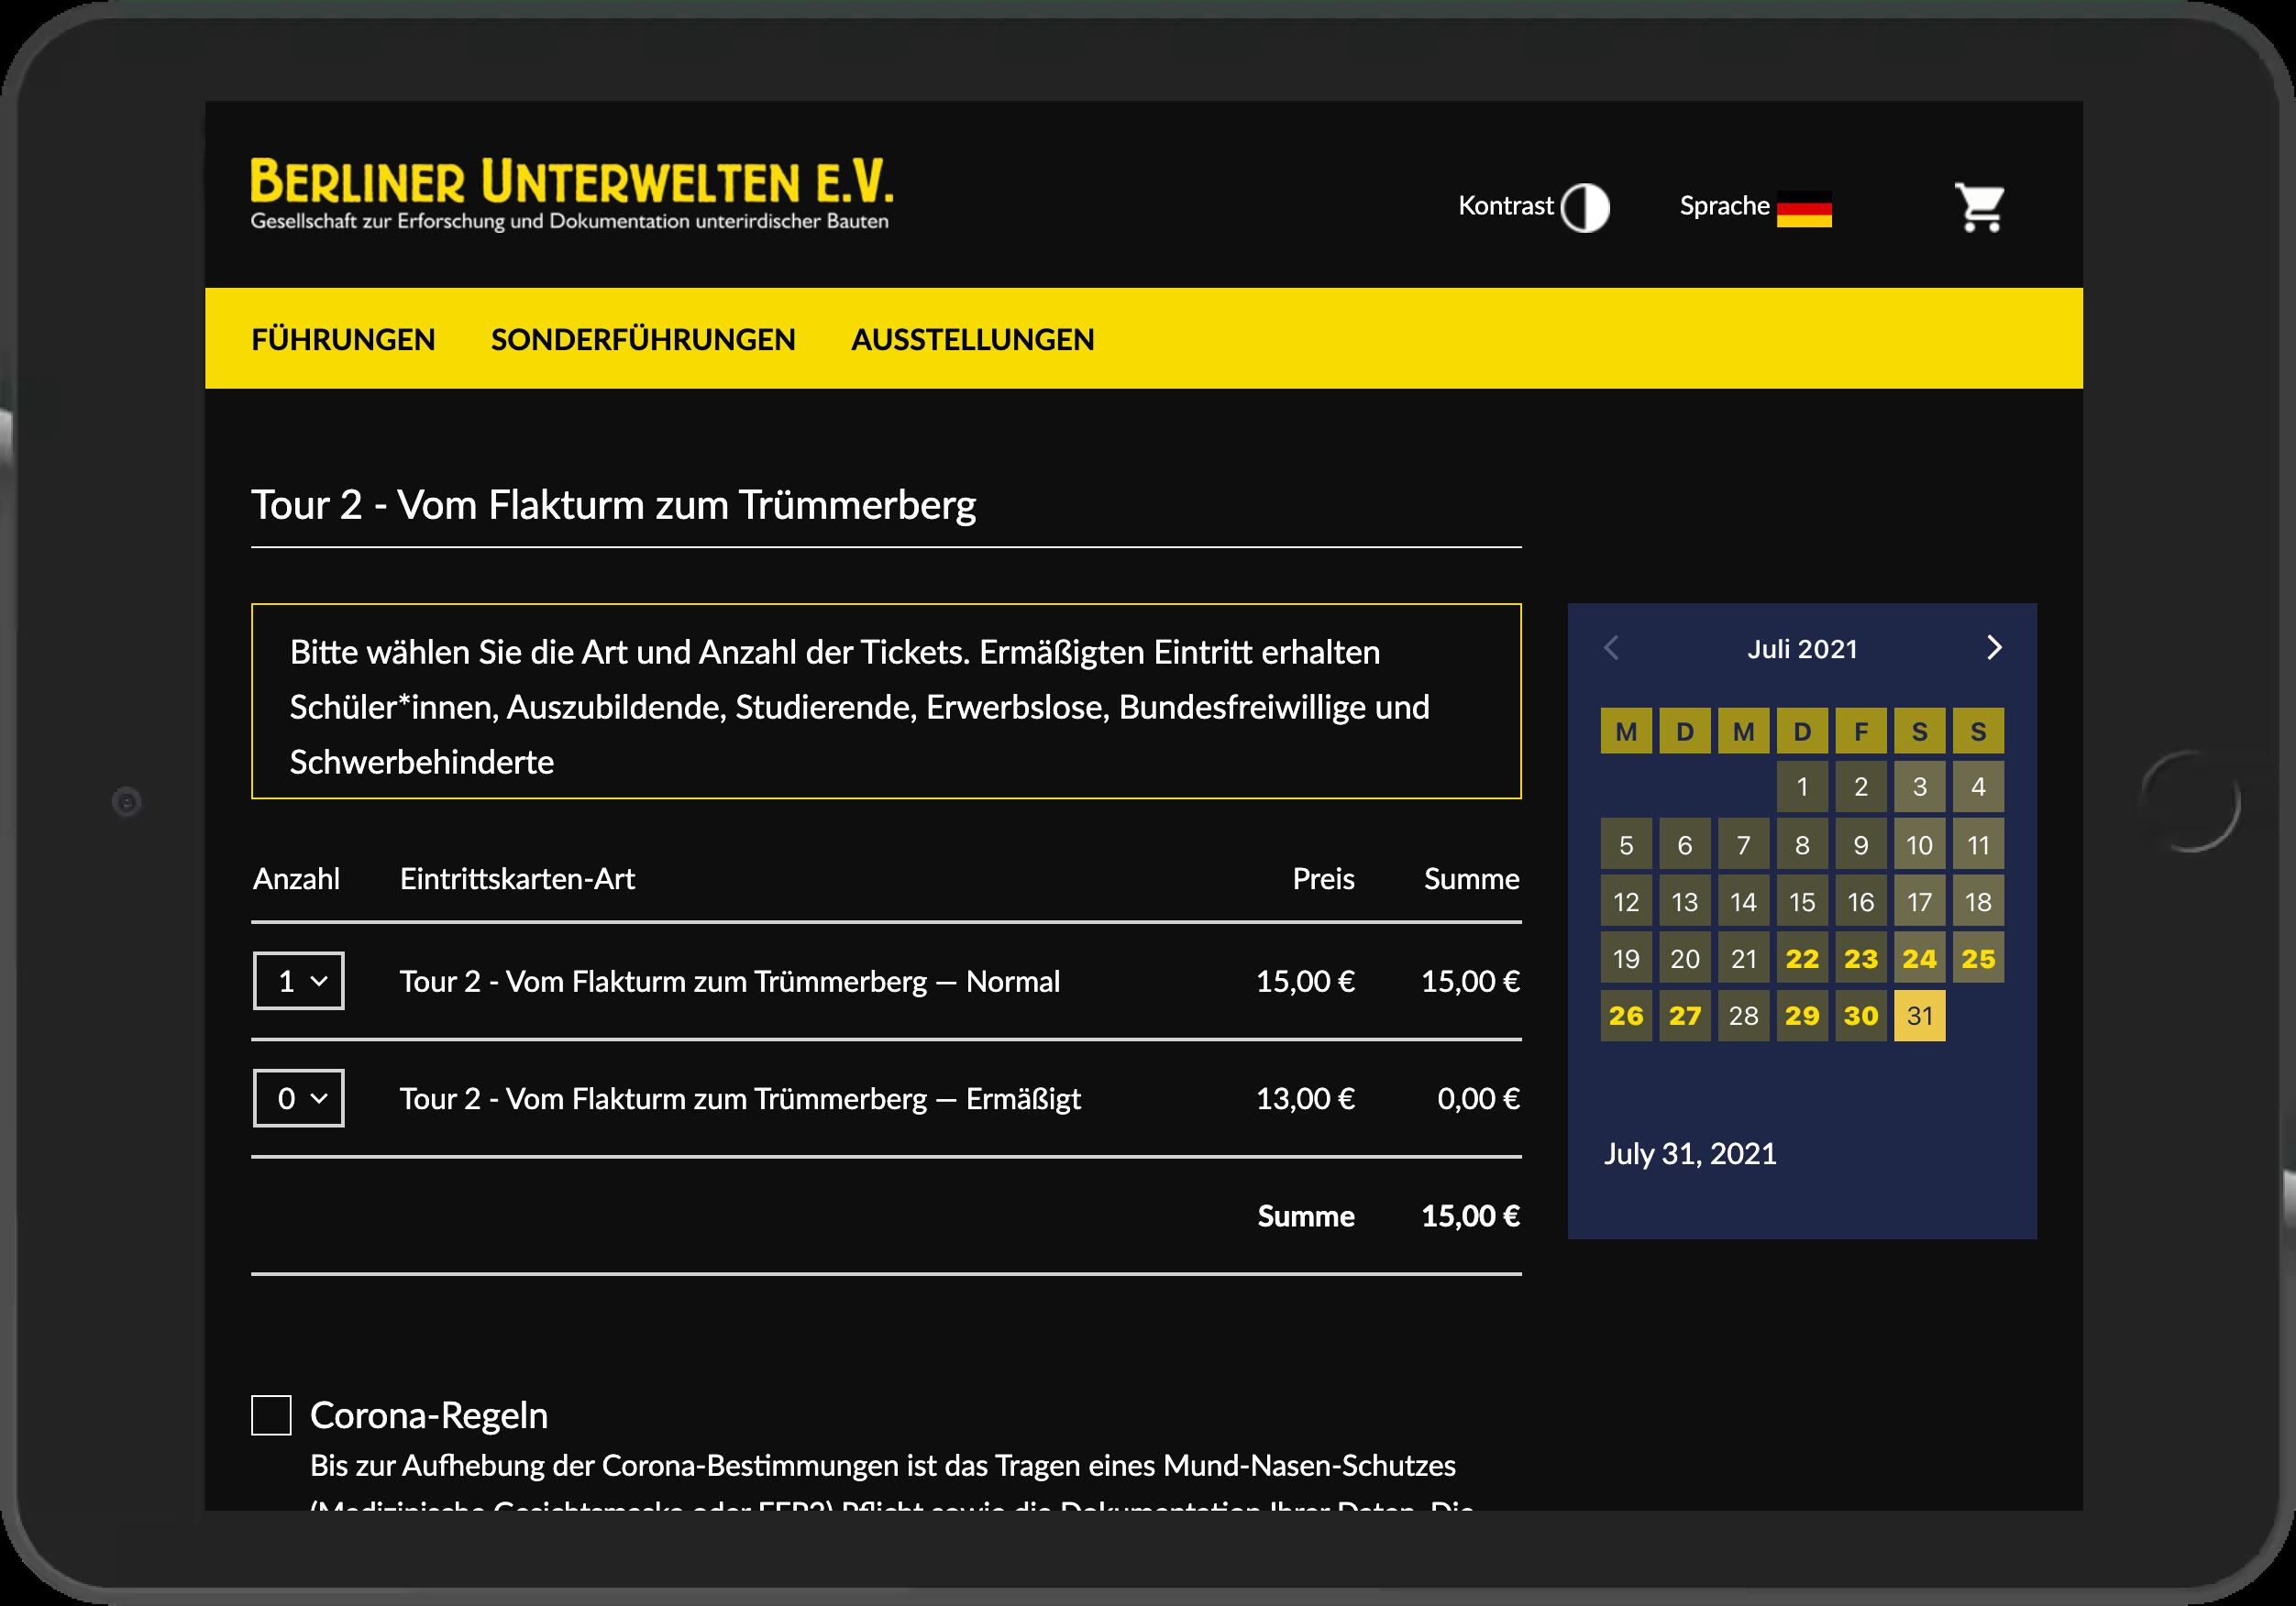 Screenshot der Tarifauswahl im Online Shop der Berliner Unterwelten